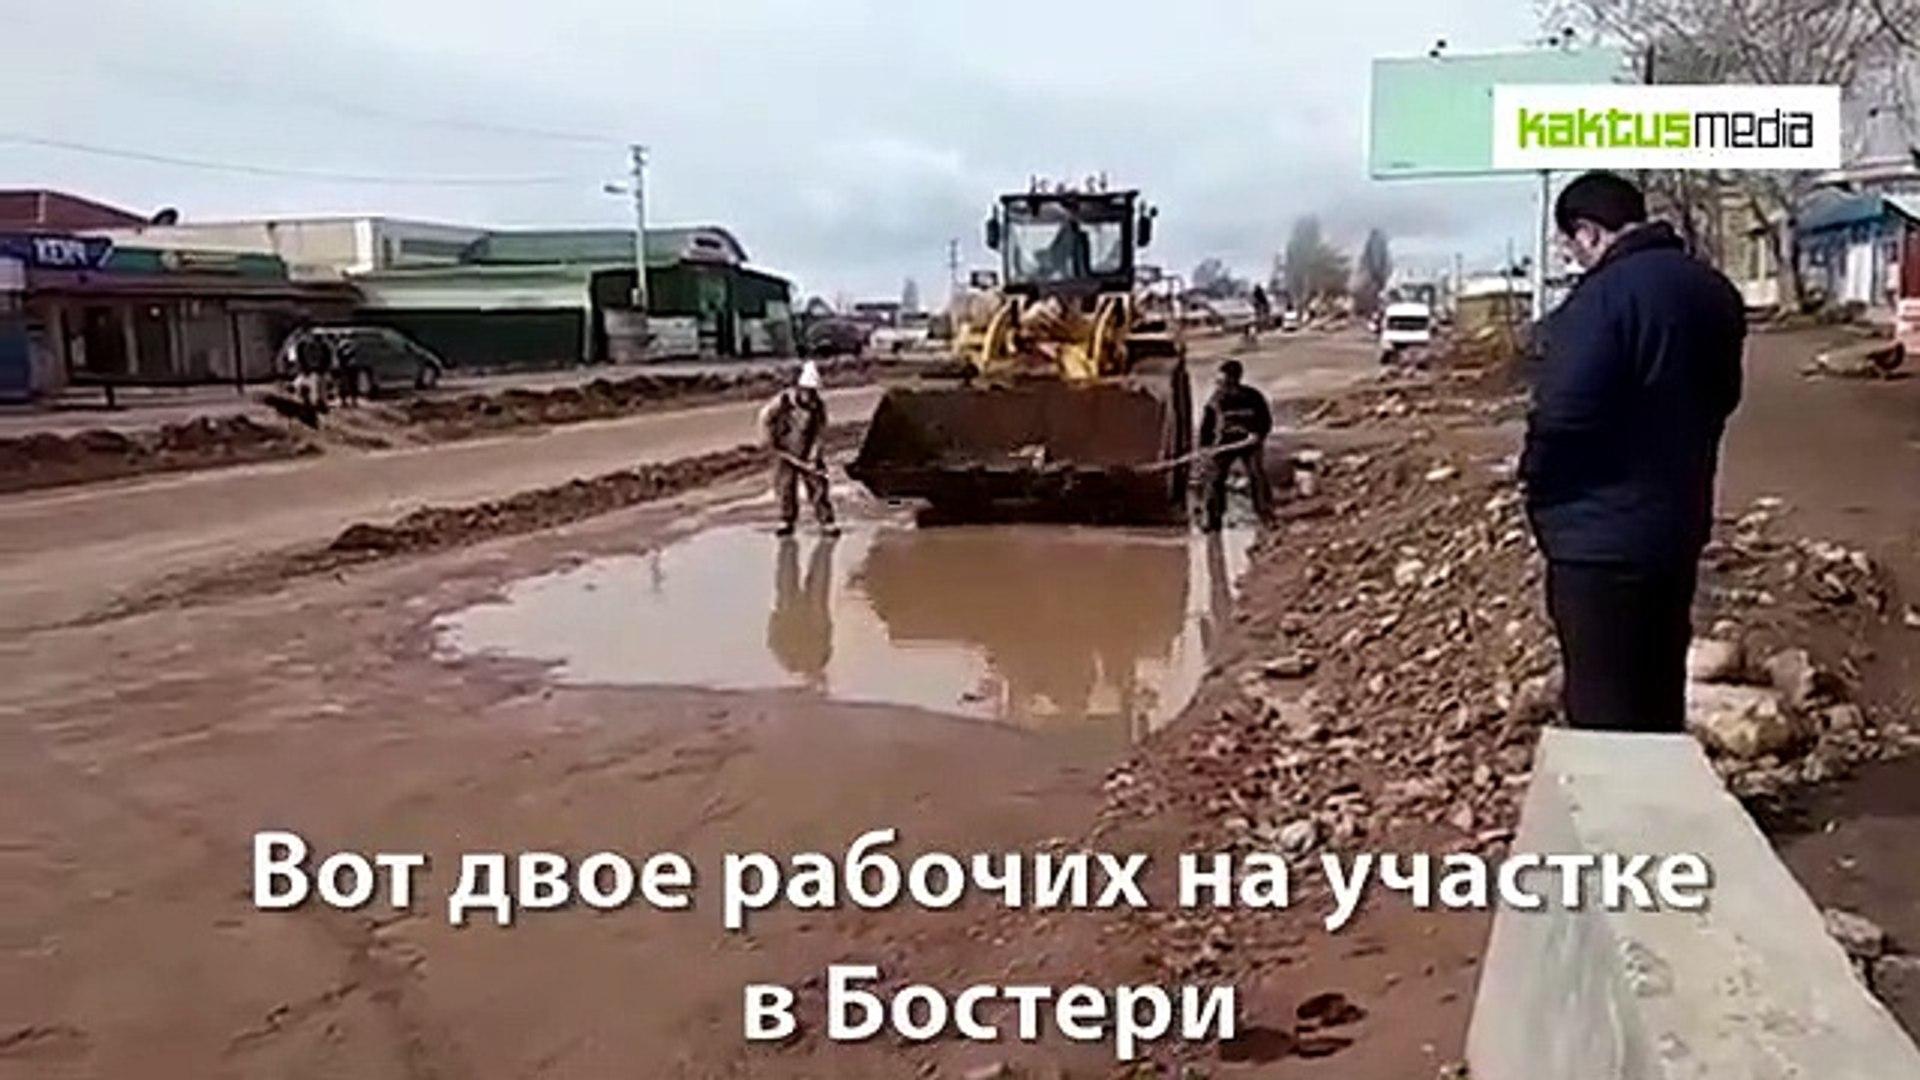 На Иссык-Куле до сих пор строят дорогу. А вот и рабочие, которые черпают воду с дороги лопатами. Зач